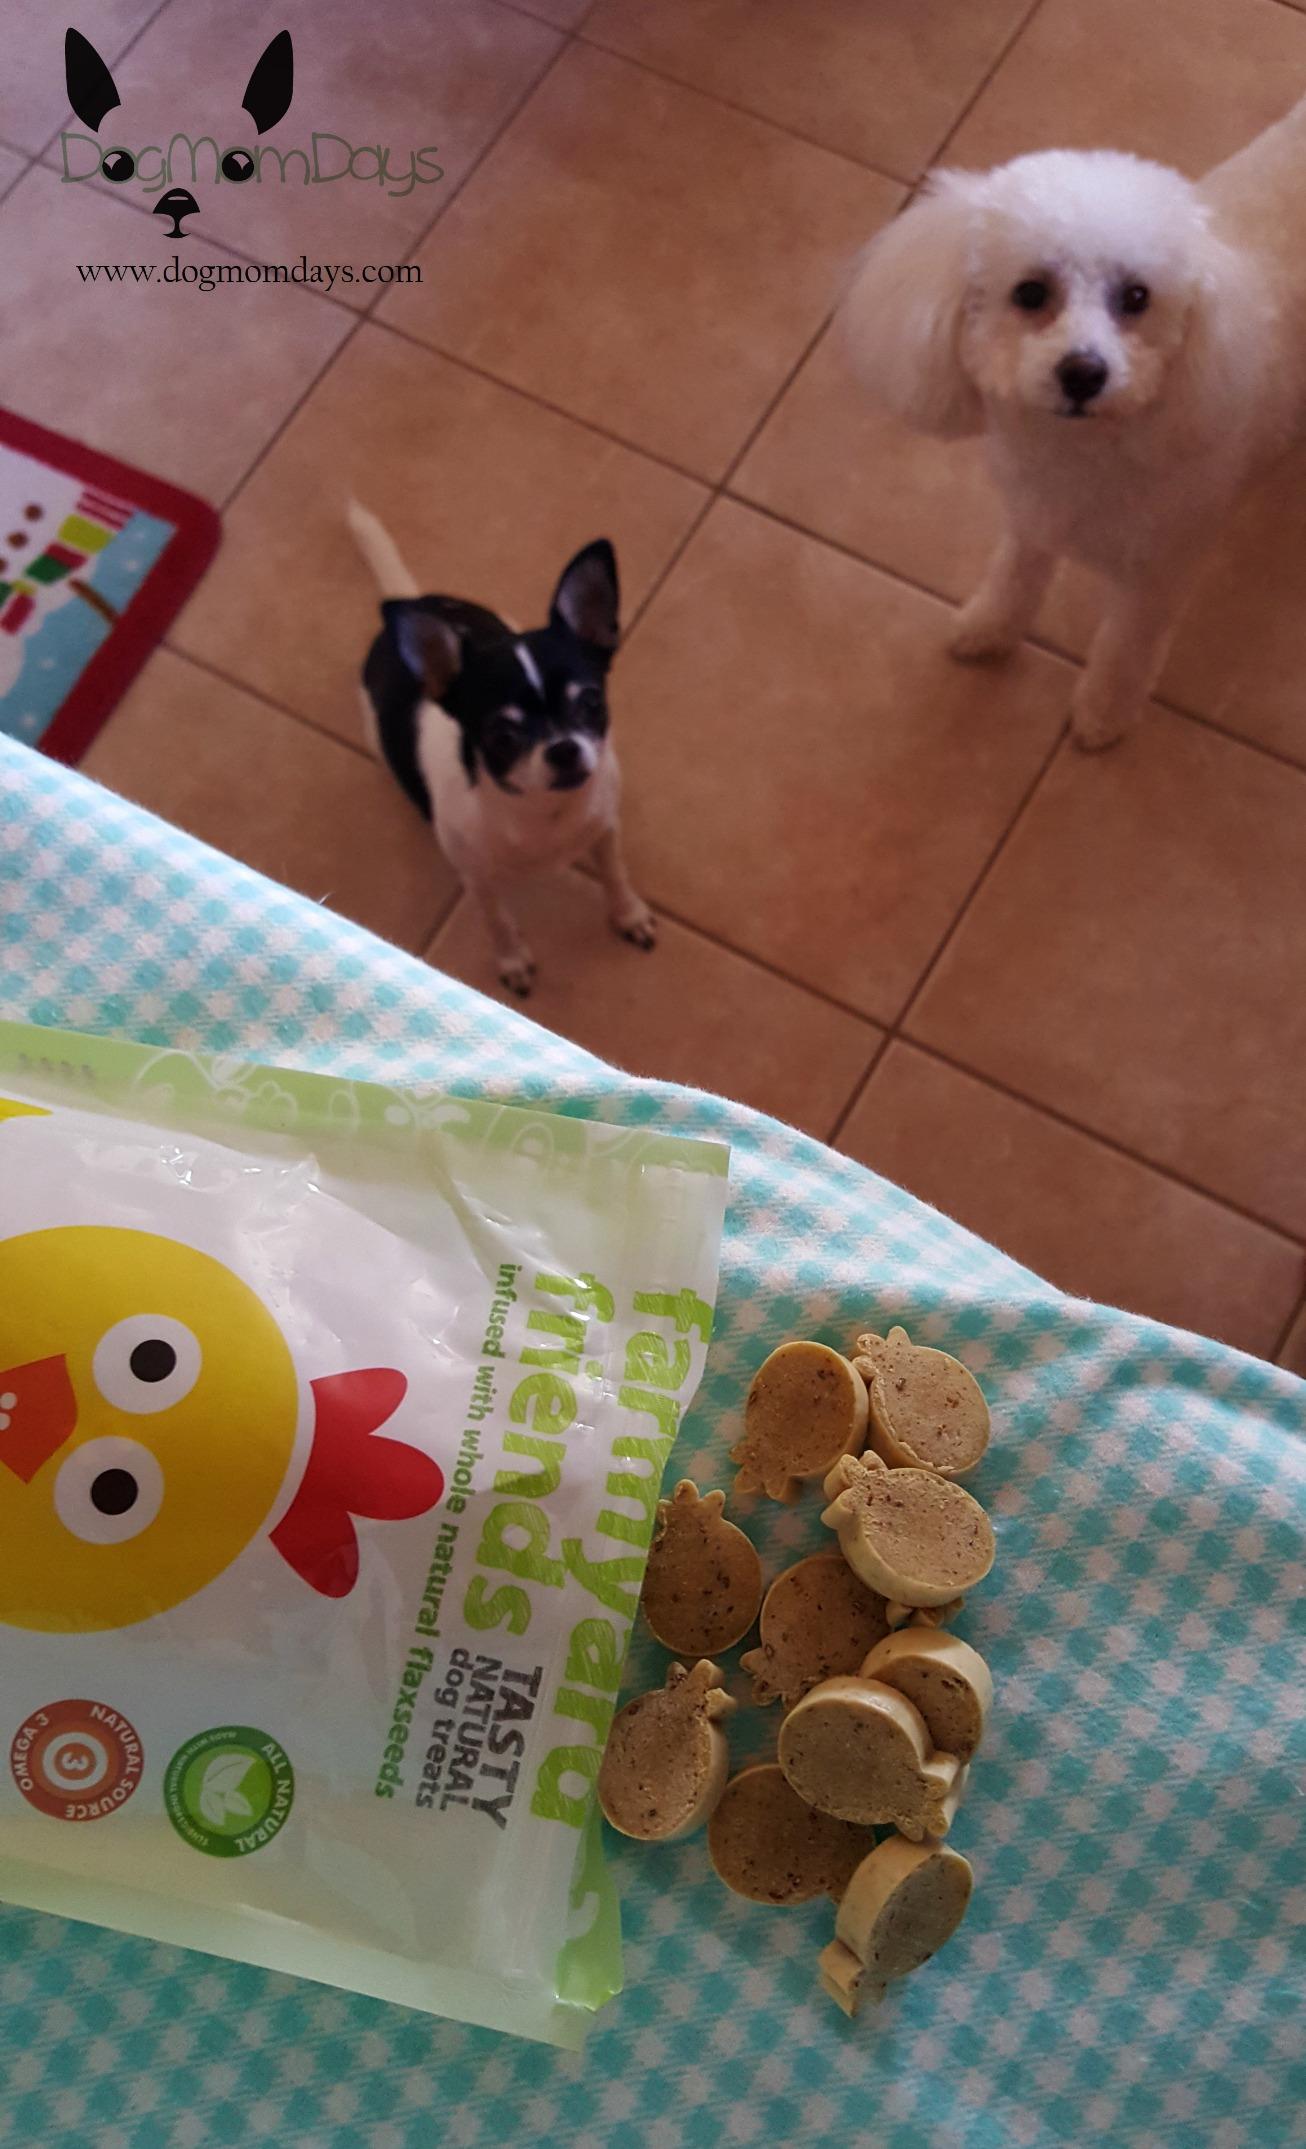 OzPure dog treats